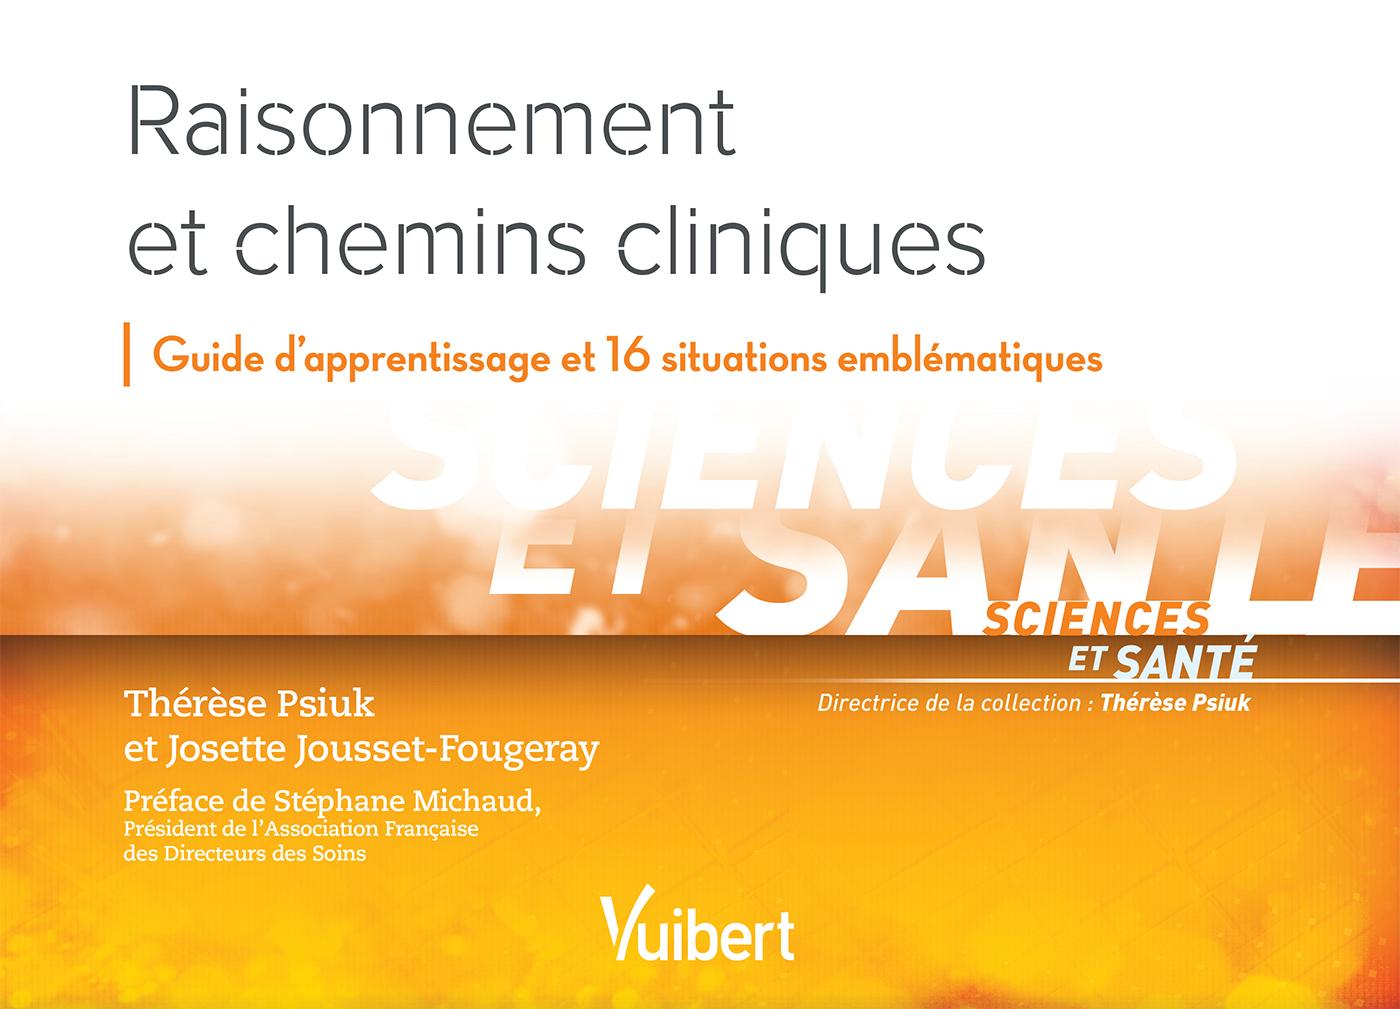 RAISONNEMENT ET CHEMINS CLINIQUES